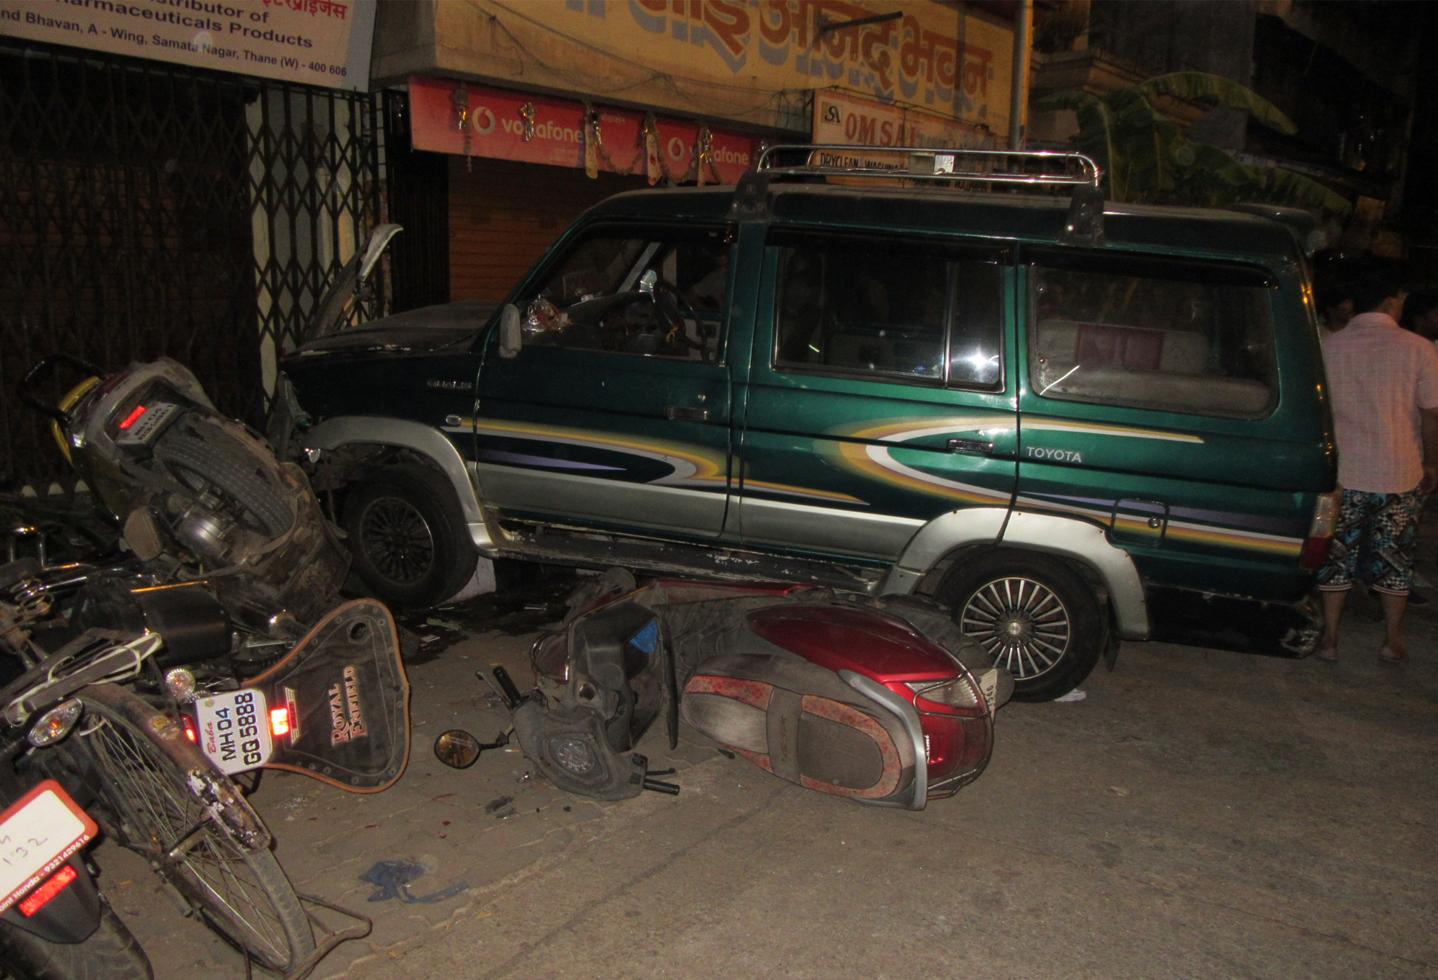 मद्यधुंद पोलिसांचा प्रताप, ठाण्यात 6 गाड्यांना ठोकलं